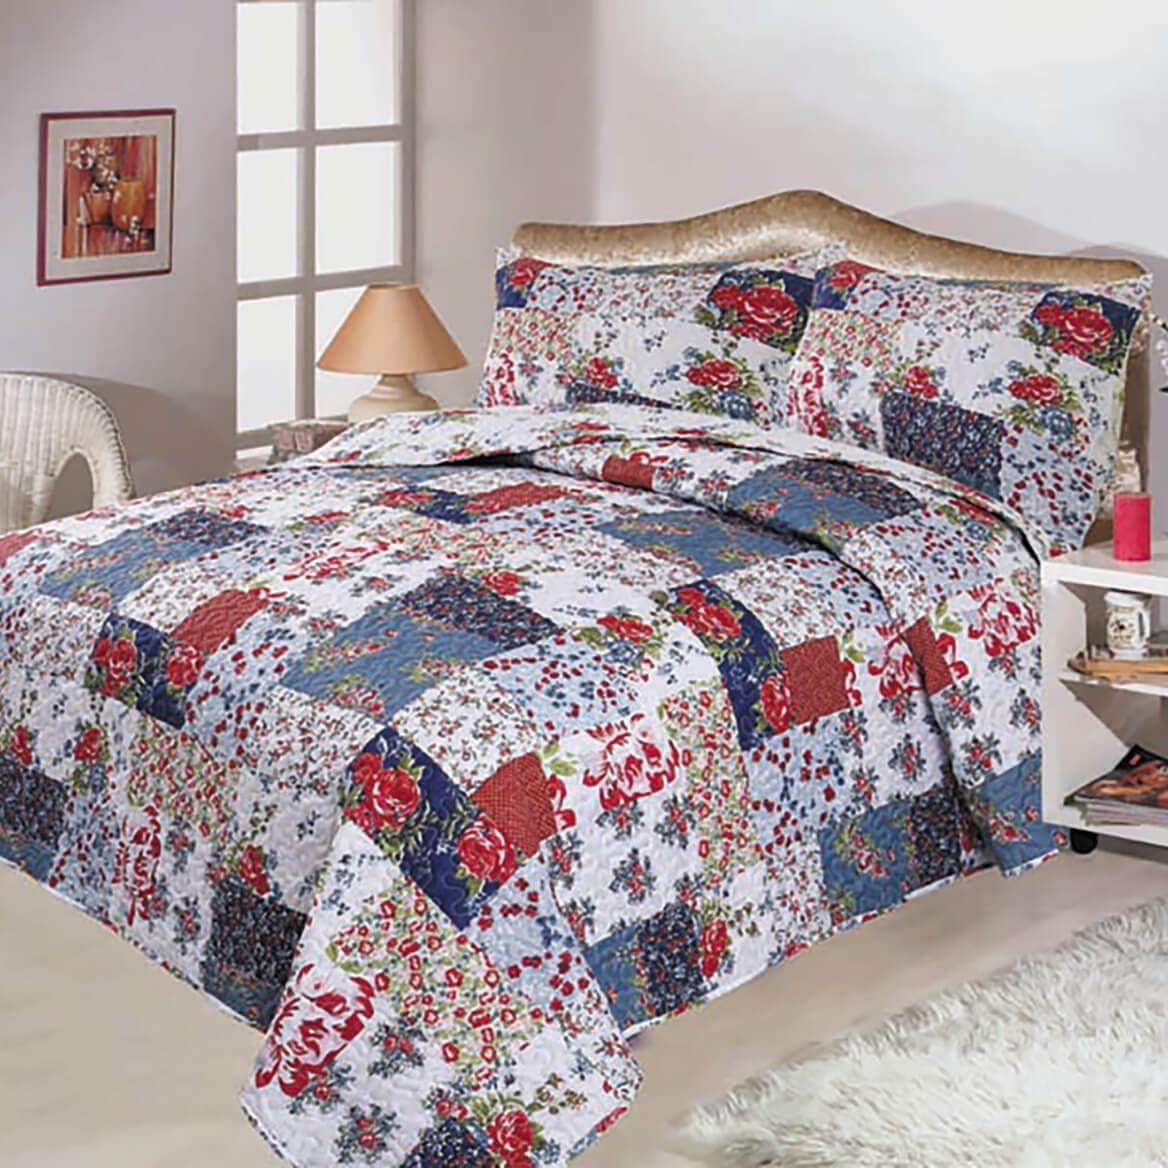 Easton 3pc Quilt Set-371515